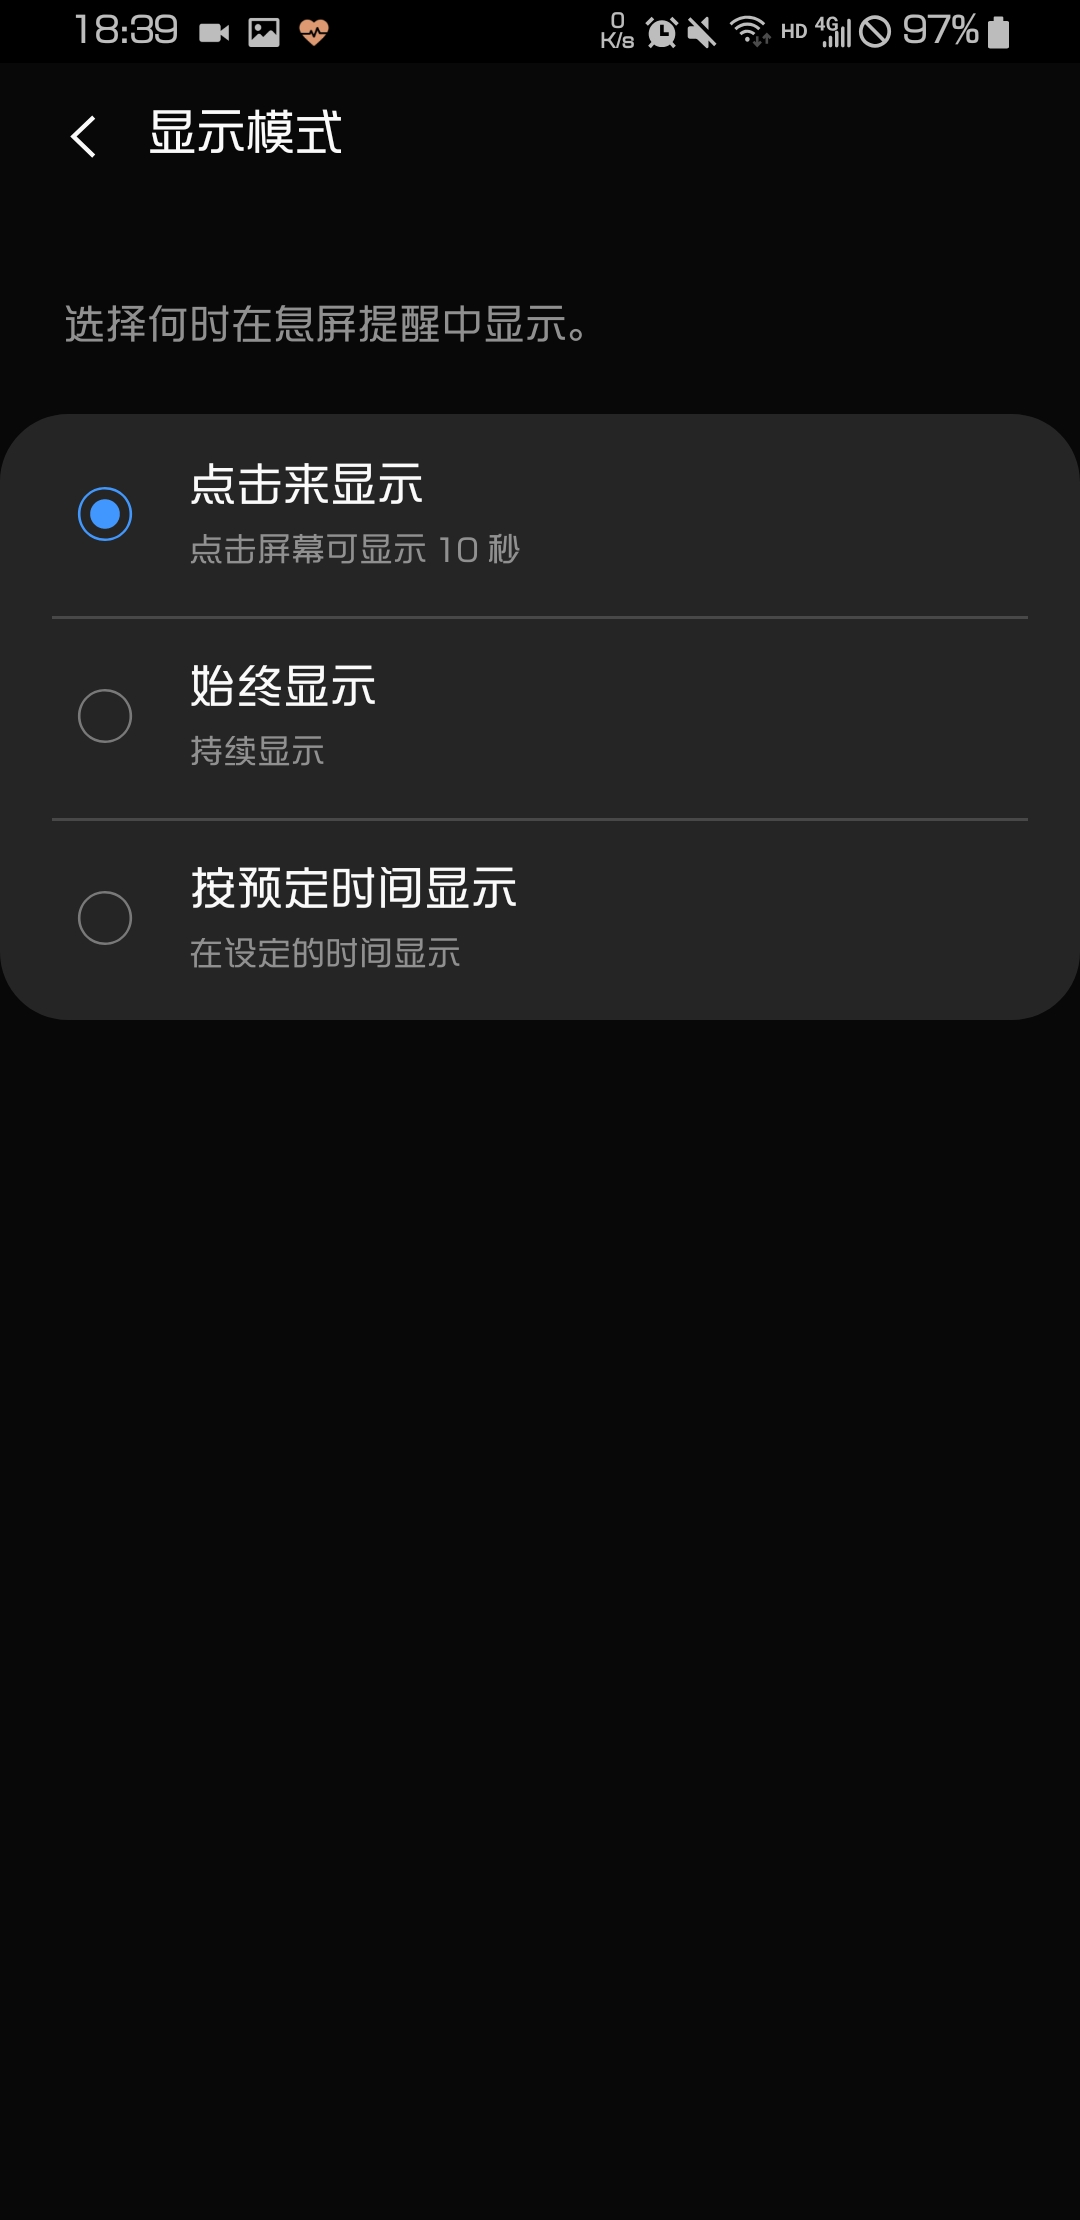 Screenshot_20191212-183940_Always On Display.jpg